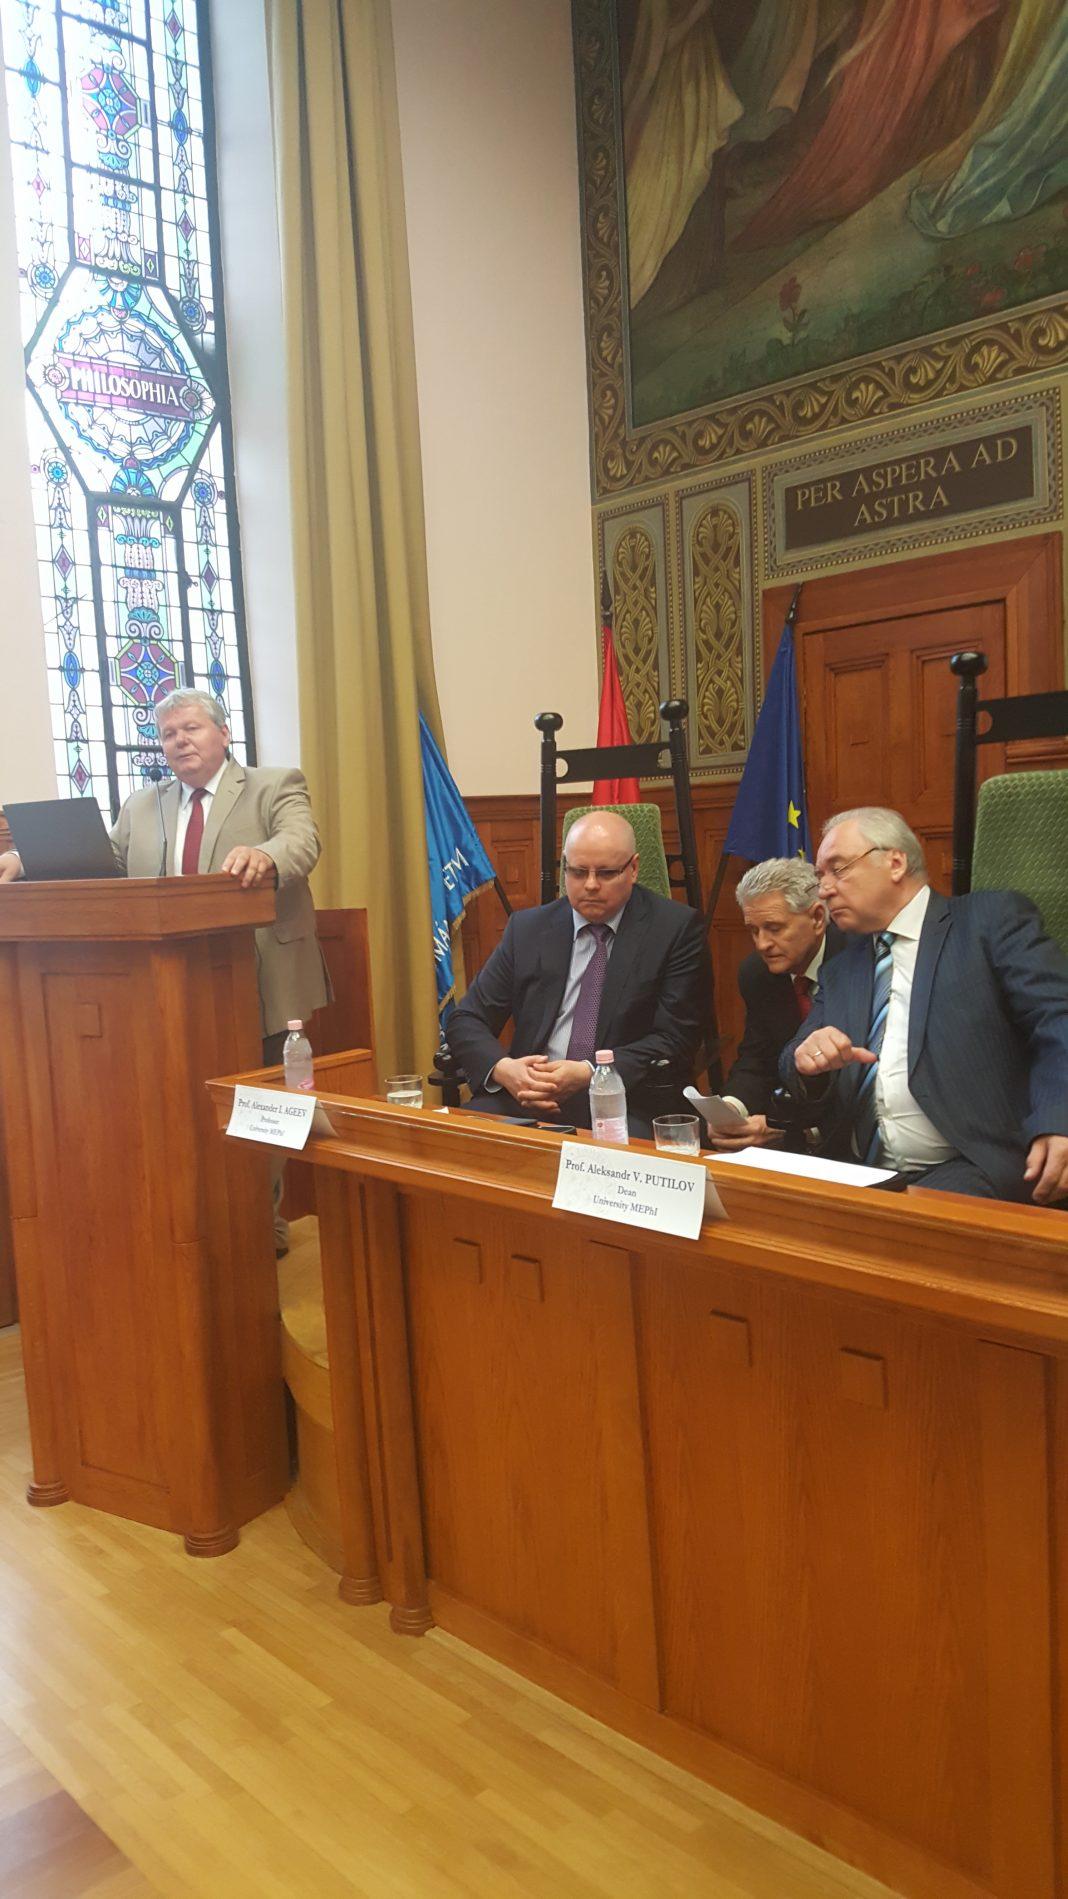 Süli János tárca nélküli miniszter megnyitó beszéde. A kép forrása: saját felvétel